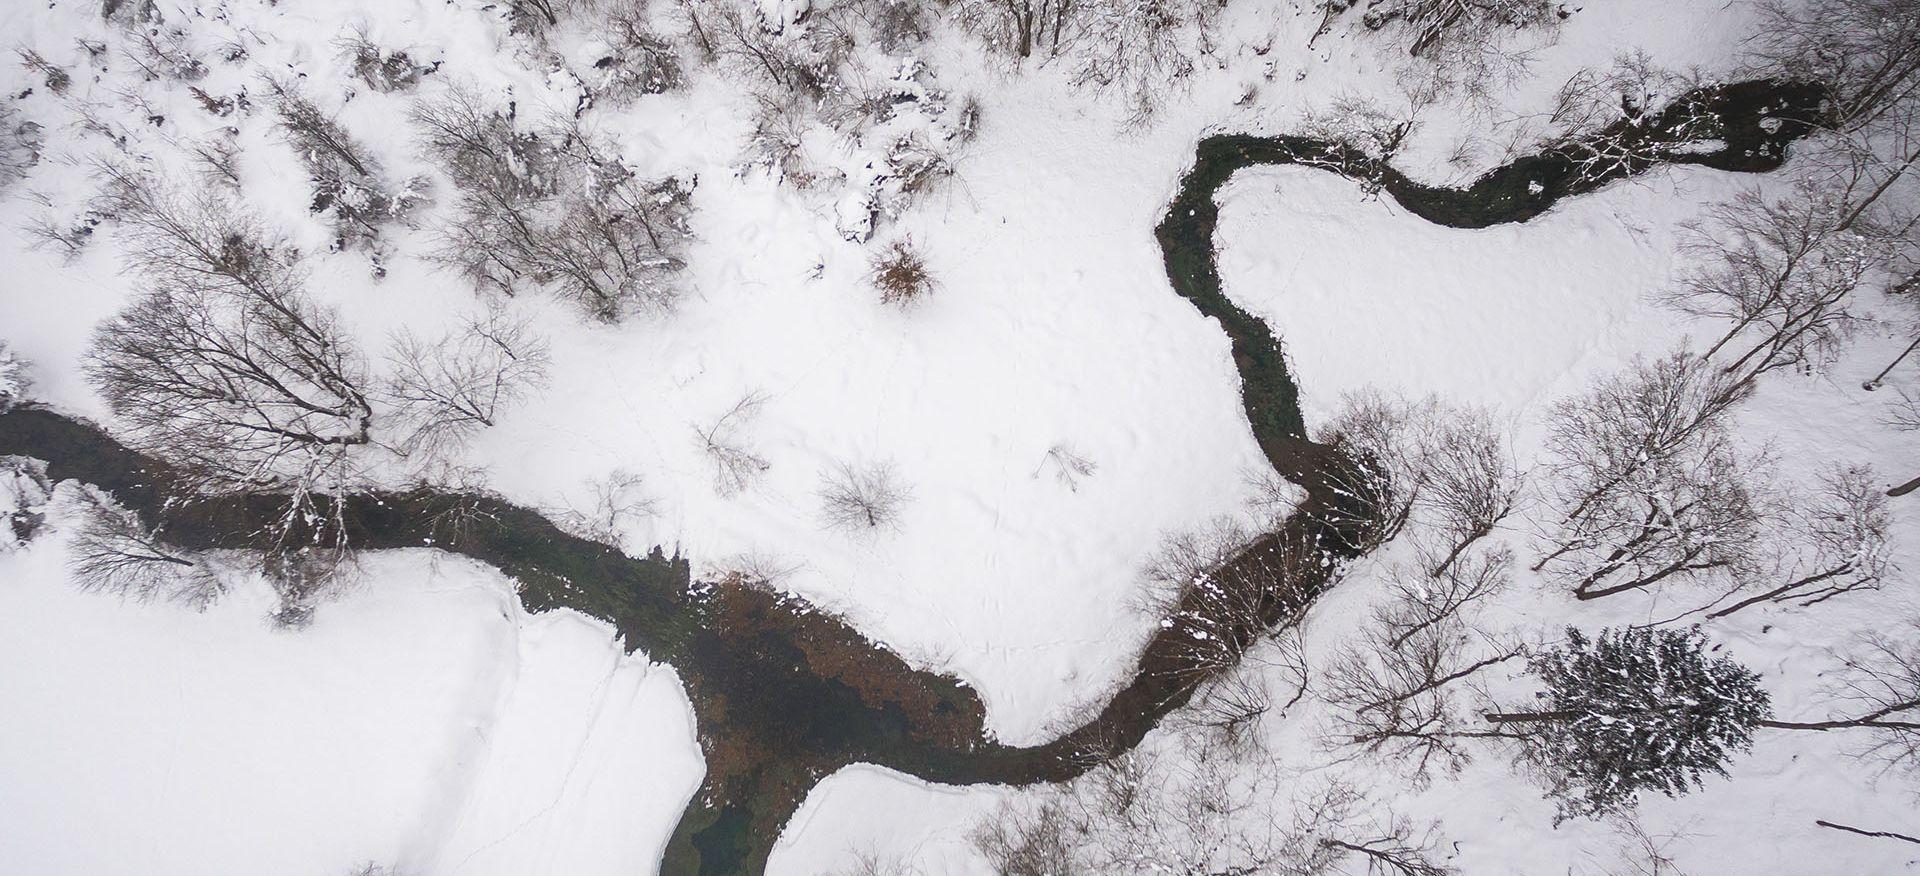 Zimska idila v Krajinskem parku Lahinja, avtor: Uroš Raztresen